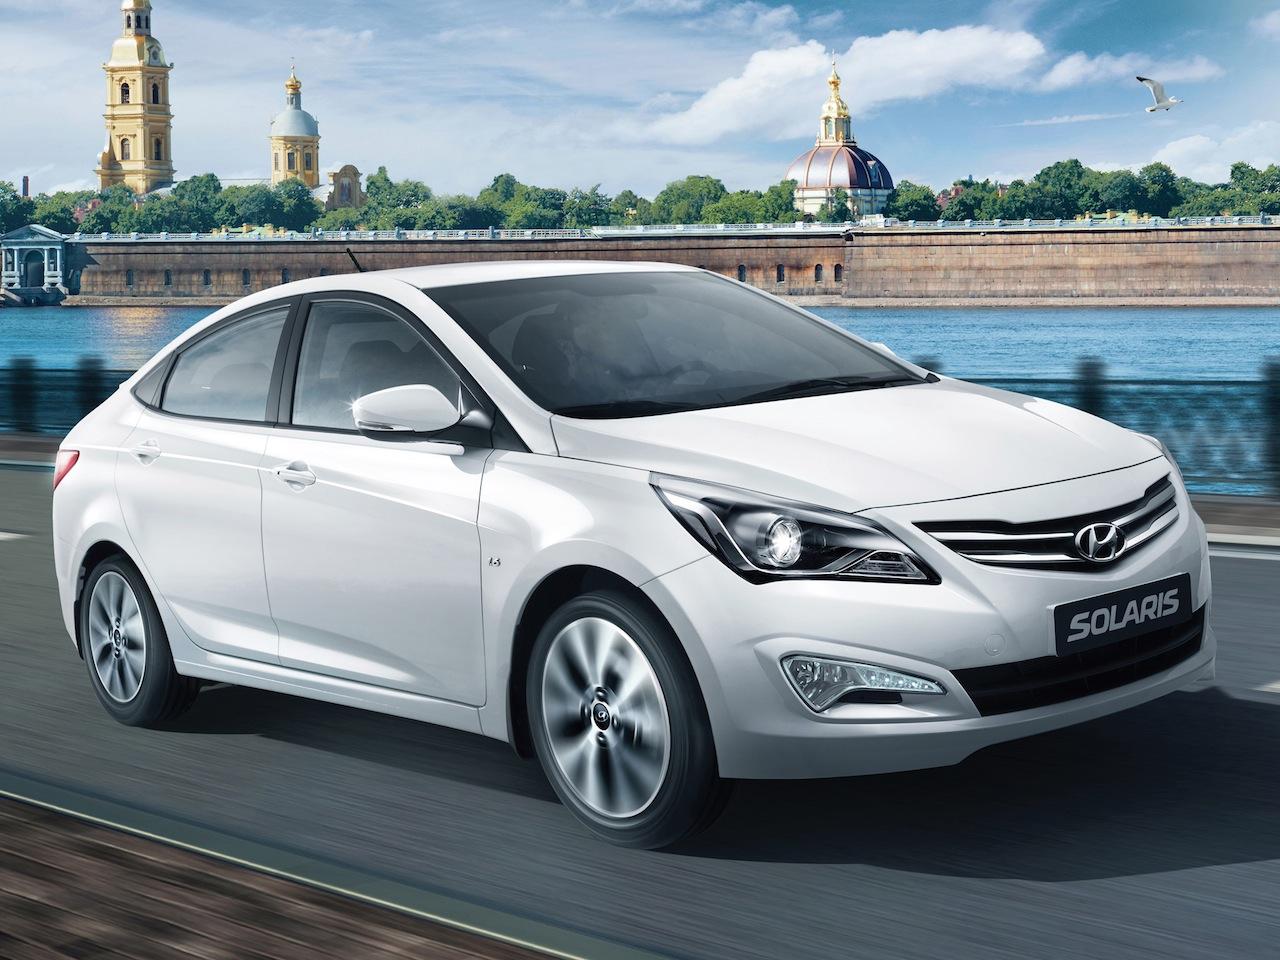 Hyundai Solaris стал самой продаваемой легковушкой прошлого года